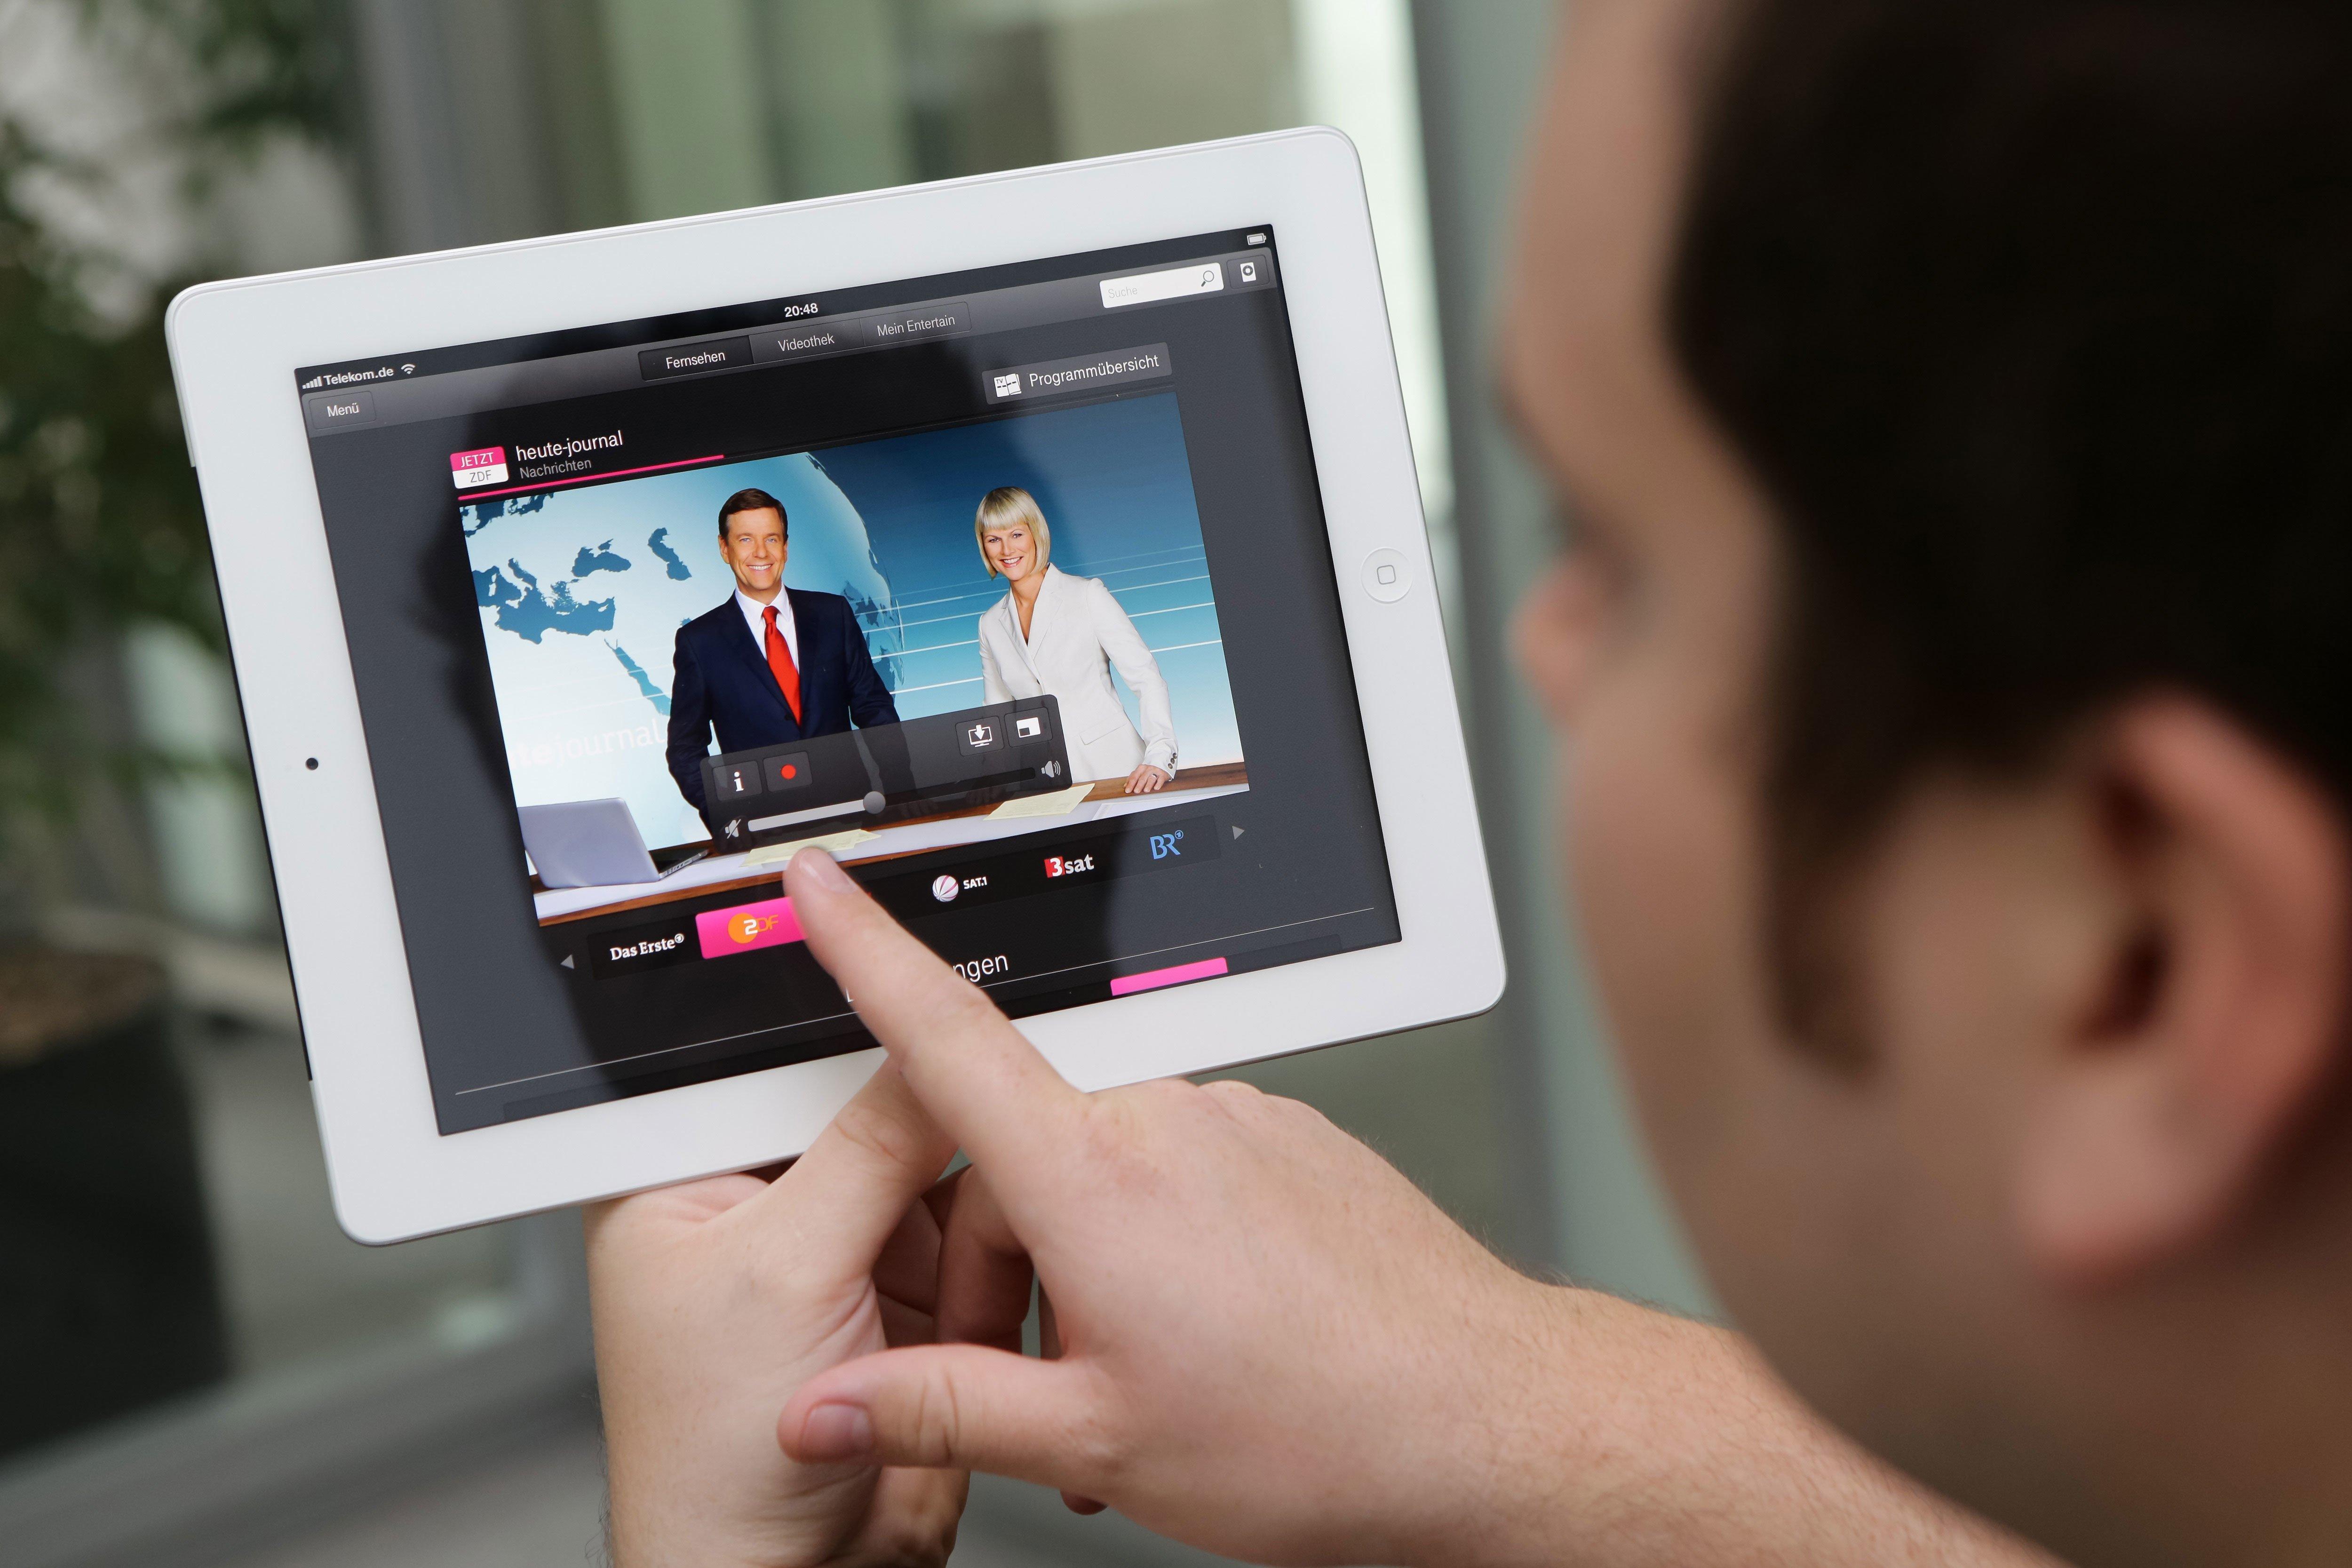 Entertain to go: IPTV-Angebot der Telekom jetzt auf iPhone und iPad